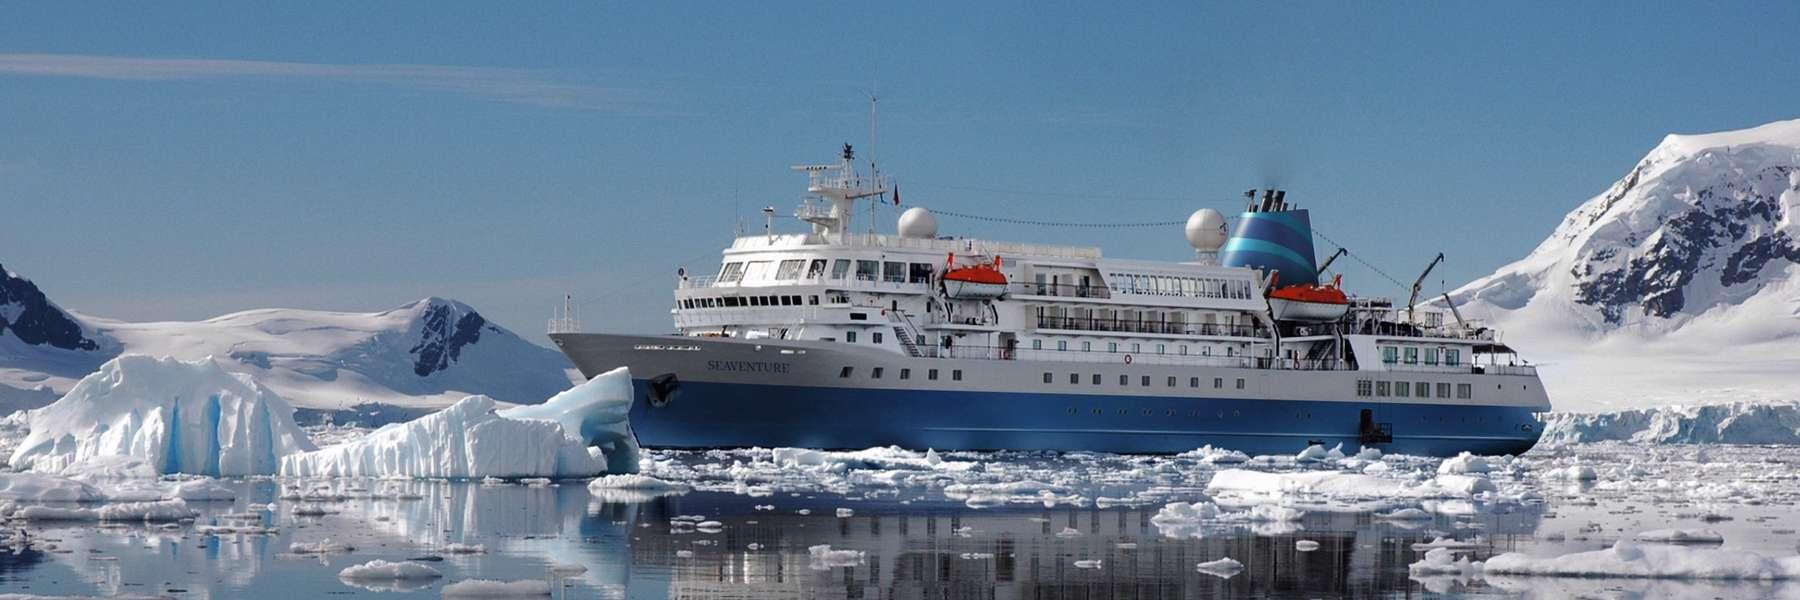 Riviera Travel Ocean Cruises